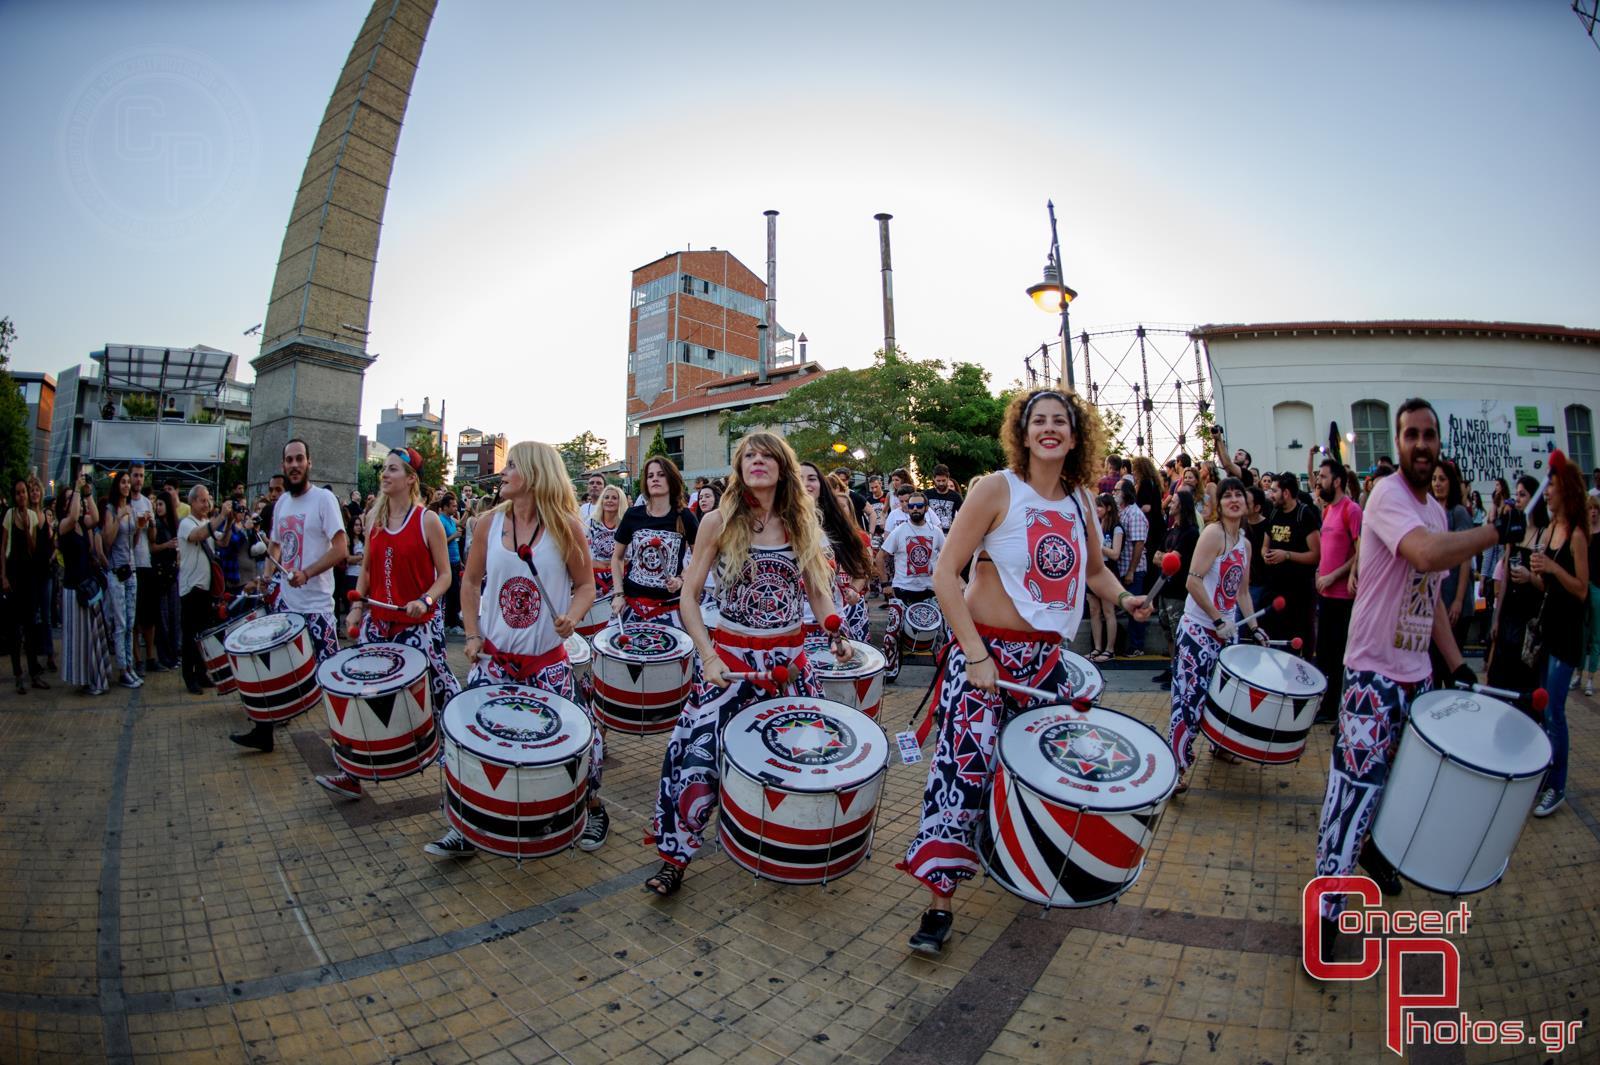 Μία συναυλία για τη Σχεδία 2014-Sxedia 2014 photographer:  - concertphotos_20140526_20_15_11